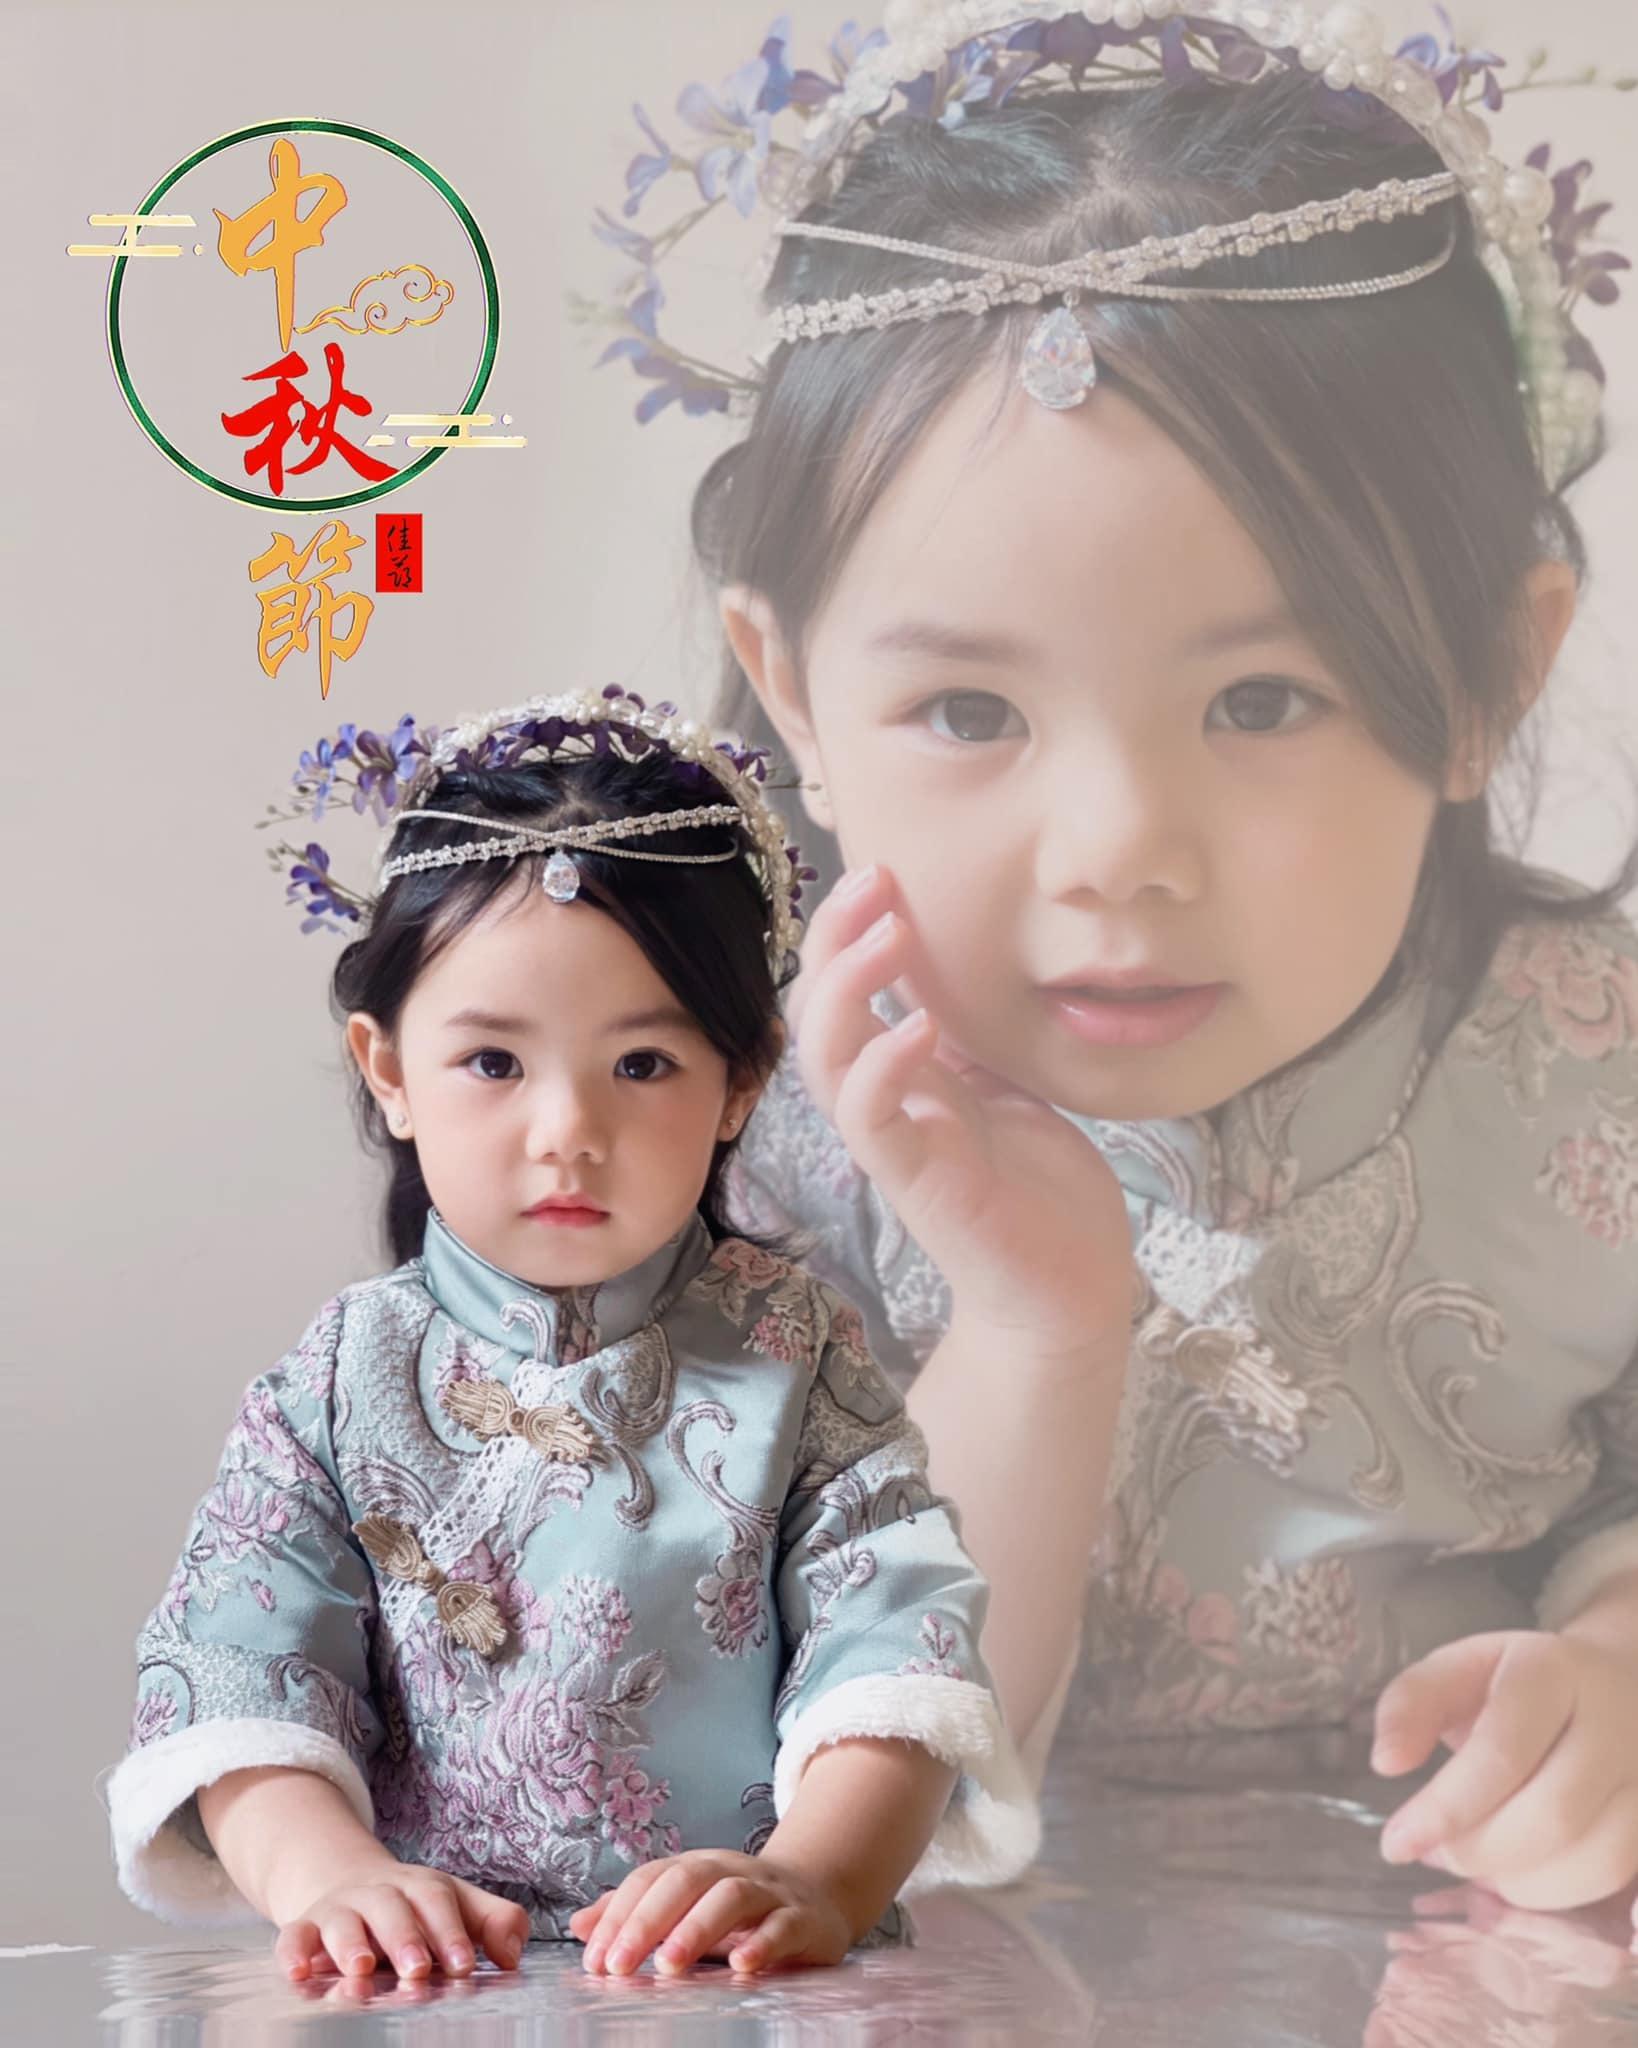 Bé gái 3 tuổi gây 'sốt' với bộ ảnh đón Tết Trung thu 'cây nhà lá vườn'